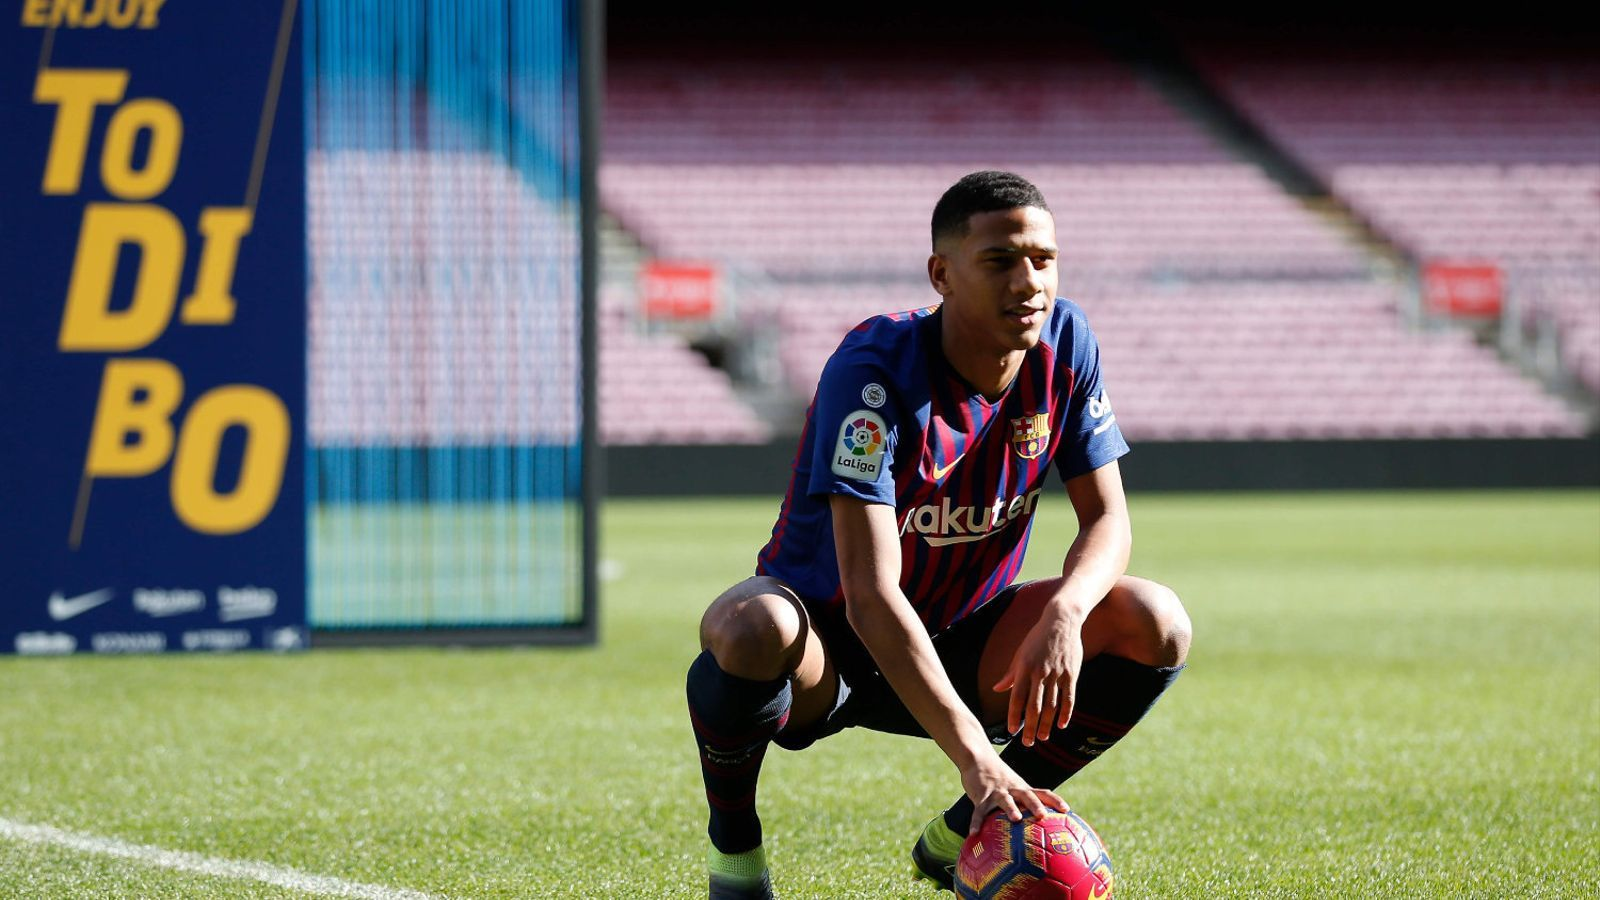 El central francès, de 19 anys, va ser presentat ahir com a nou jugador del Barça. Abidal diu que és una aposta de futur.